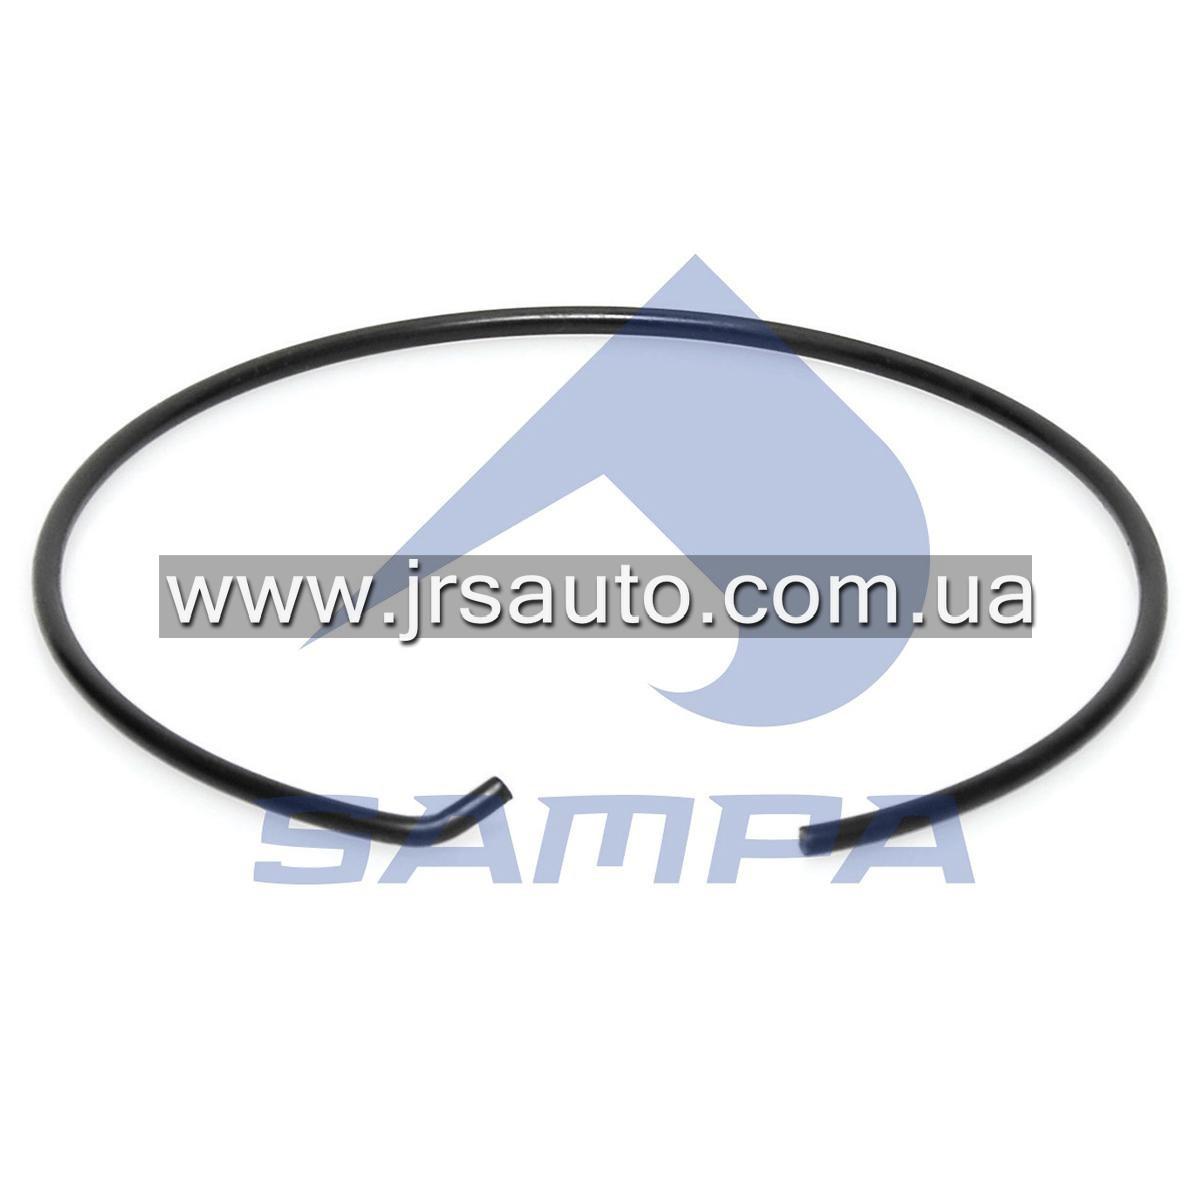 Кольцо ступицы пружинных 3.2x123 ROR LM \21224865PK5 \ 085.078